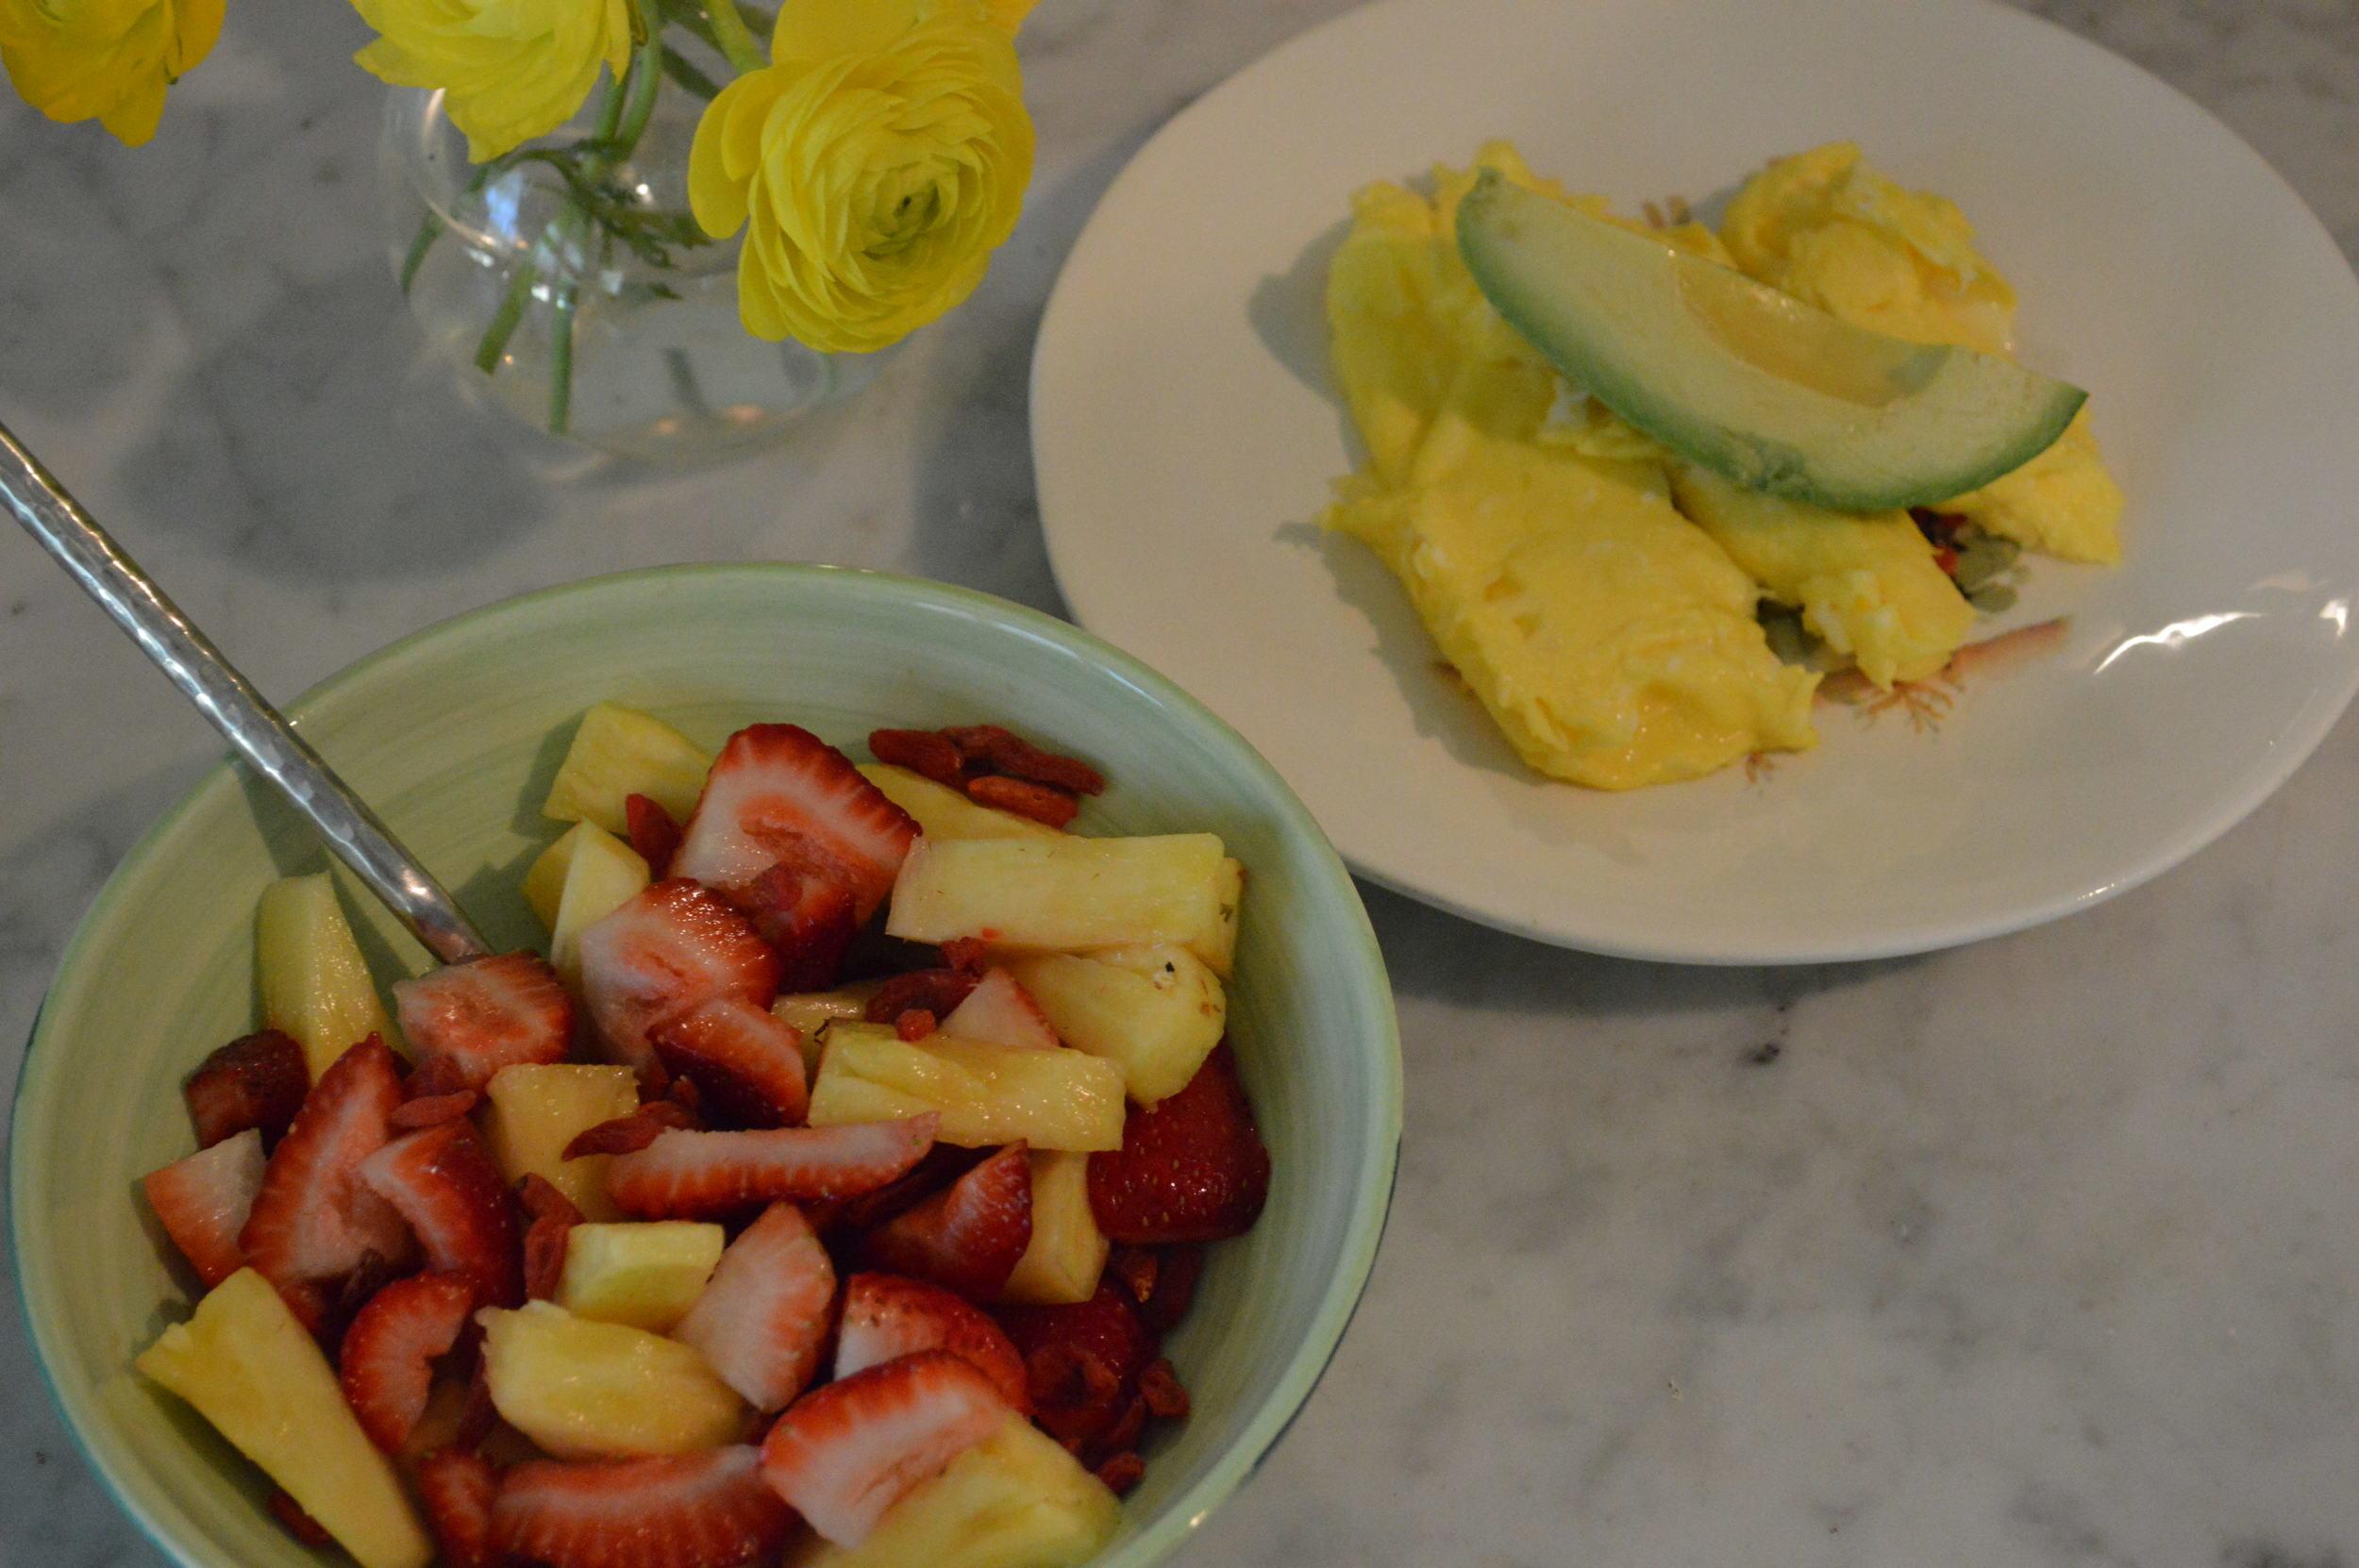 Eggs & Avo + Fruit